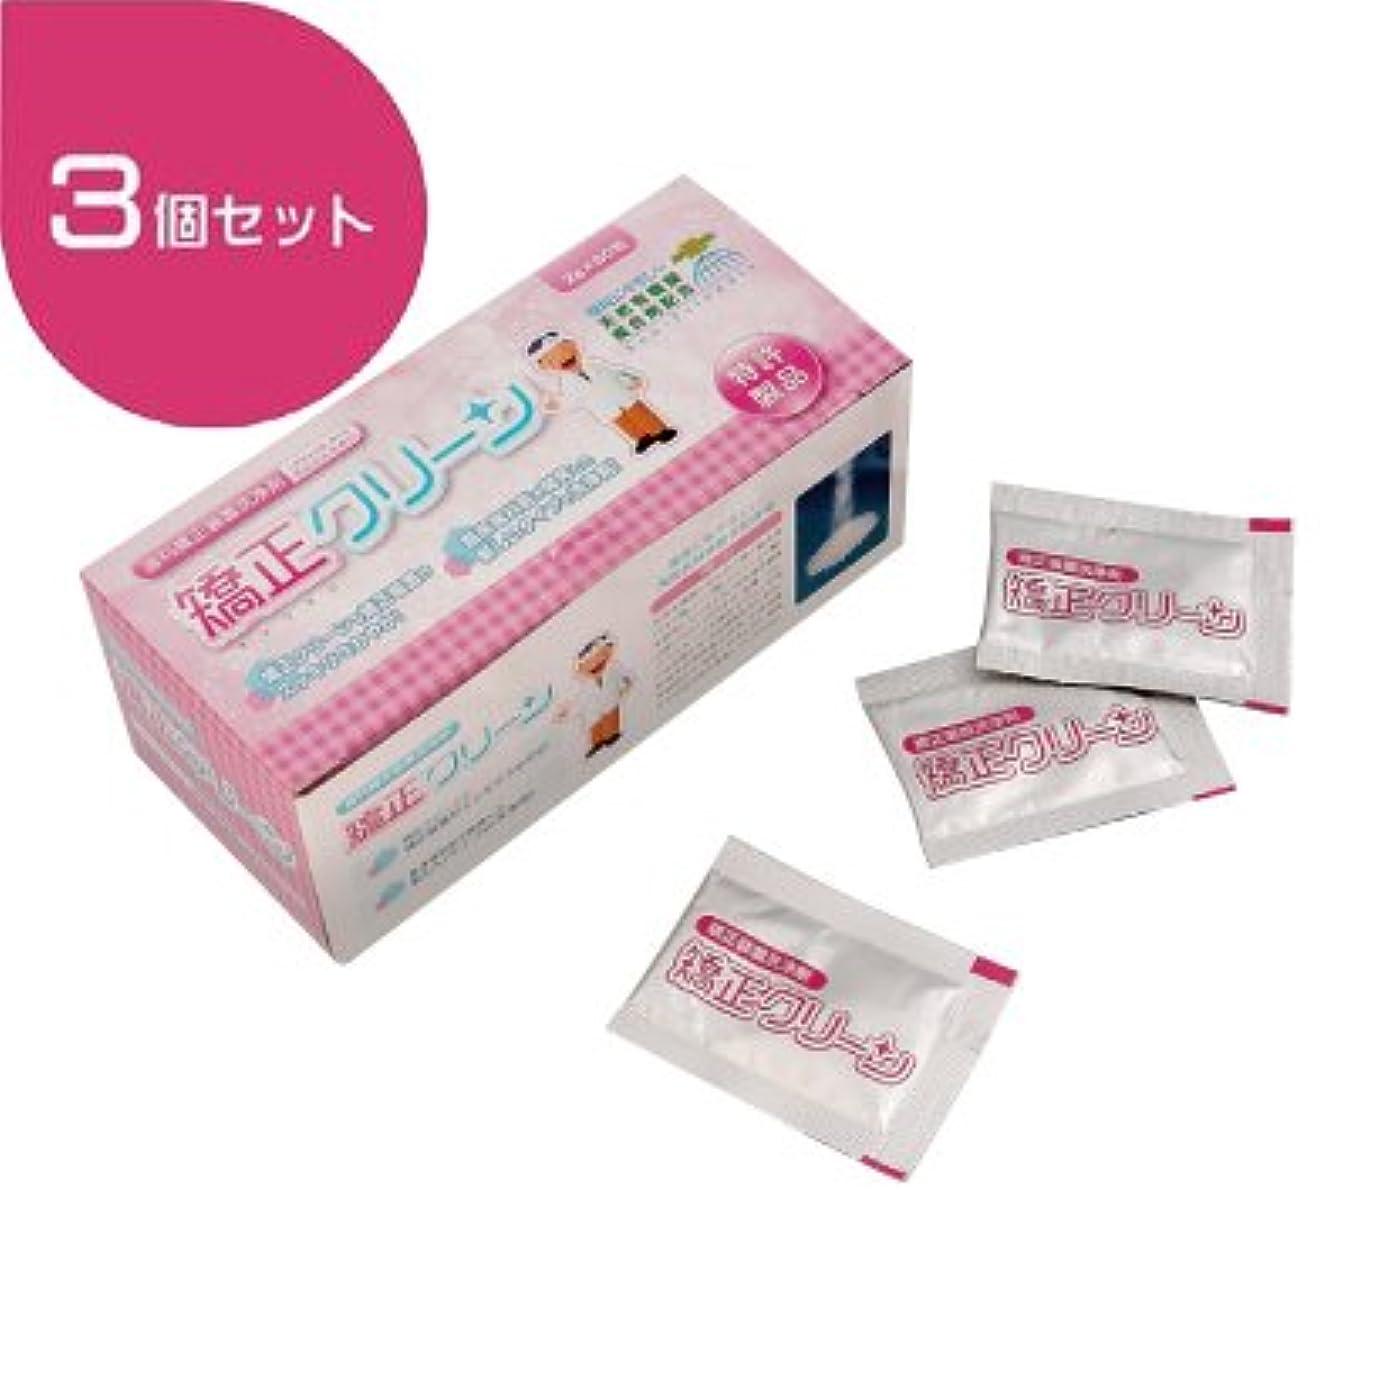 近代化宮殿テンション矯正クリーン 1箱(2g×60包入り) × 3個 歯科矯正装置用洗浄剤